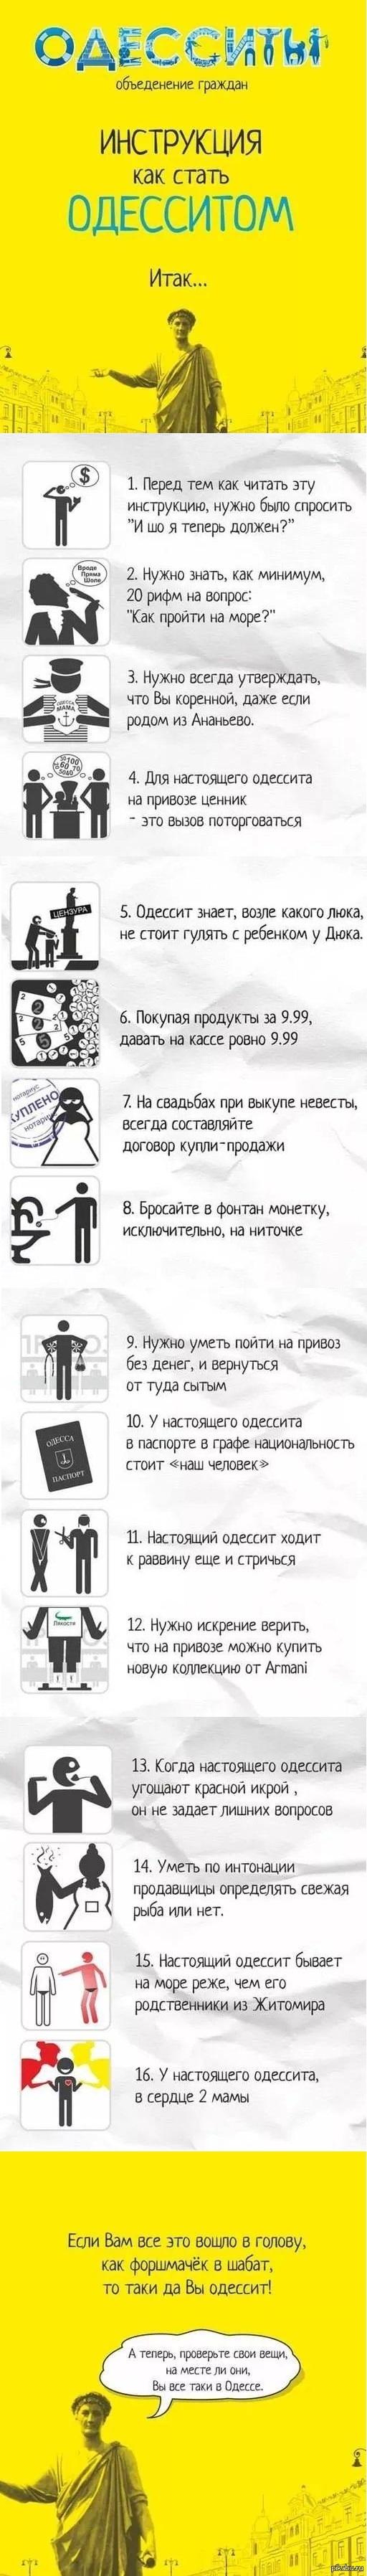 Инструкция как стать Одесситом =) Краткое издание.